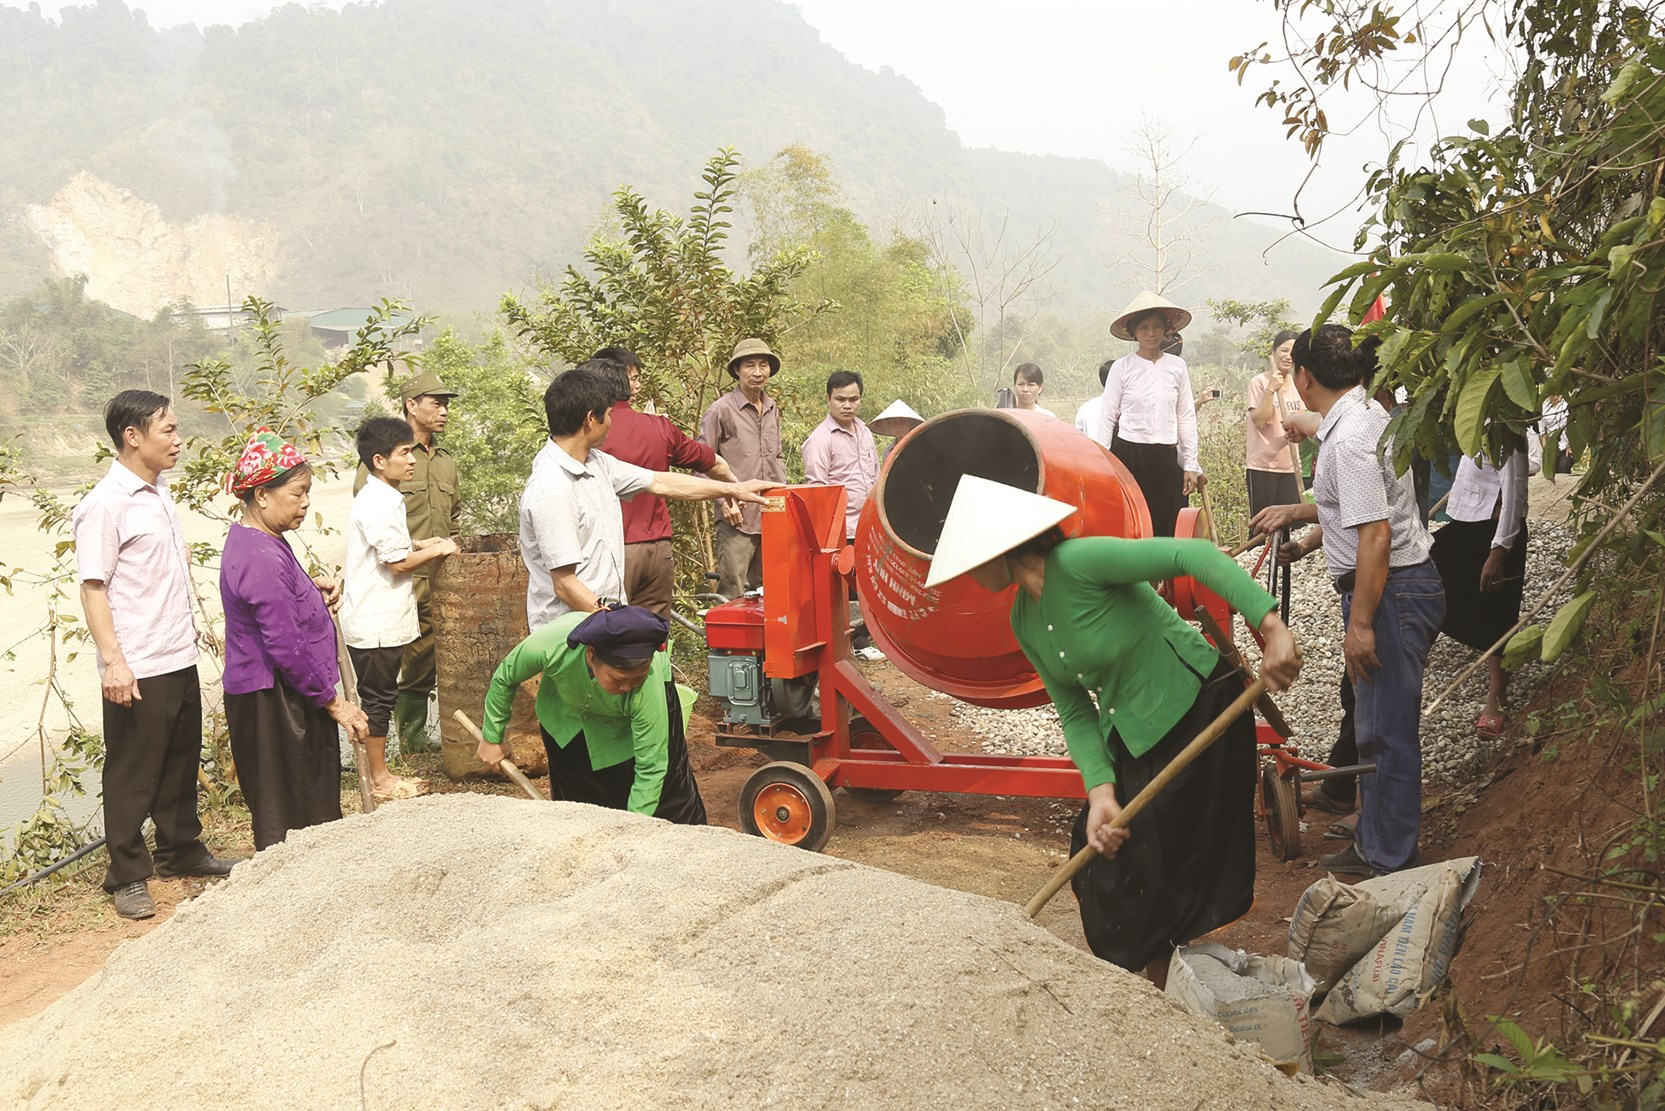 Việc nhất thể hóa chức danh bí thư kiêm trưởng thôn tại xã Nghĩa Đô giúp công tác chỉ đạo xây dựng nông thôn mới được thuận lợi hơn